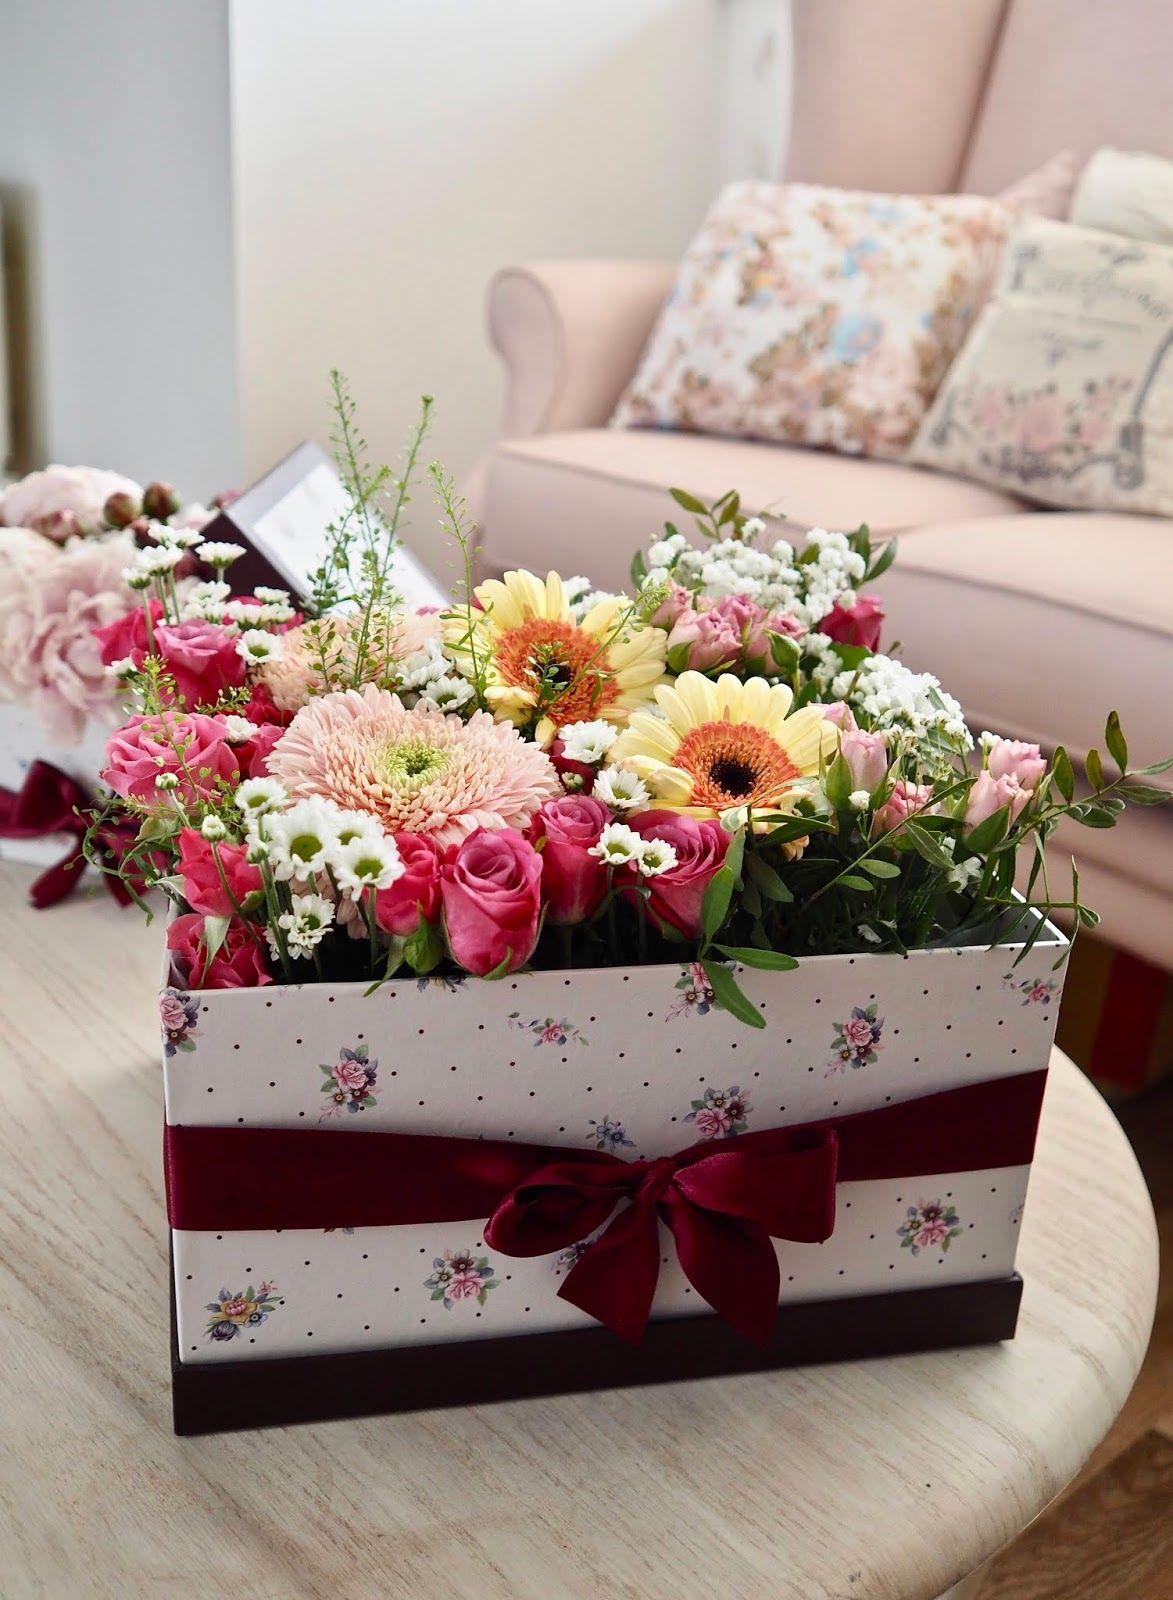 diy flower bouquet box decor flower bouquet boxes bouquet box rh pinterest com